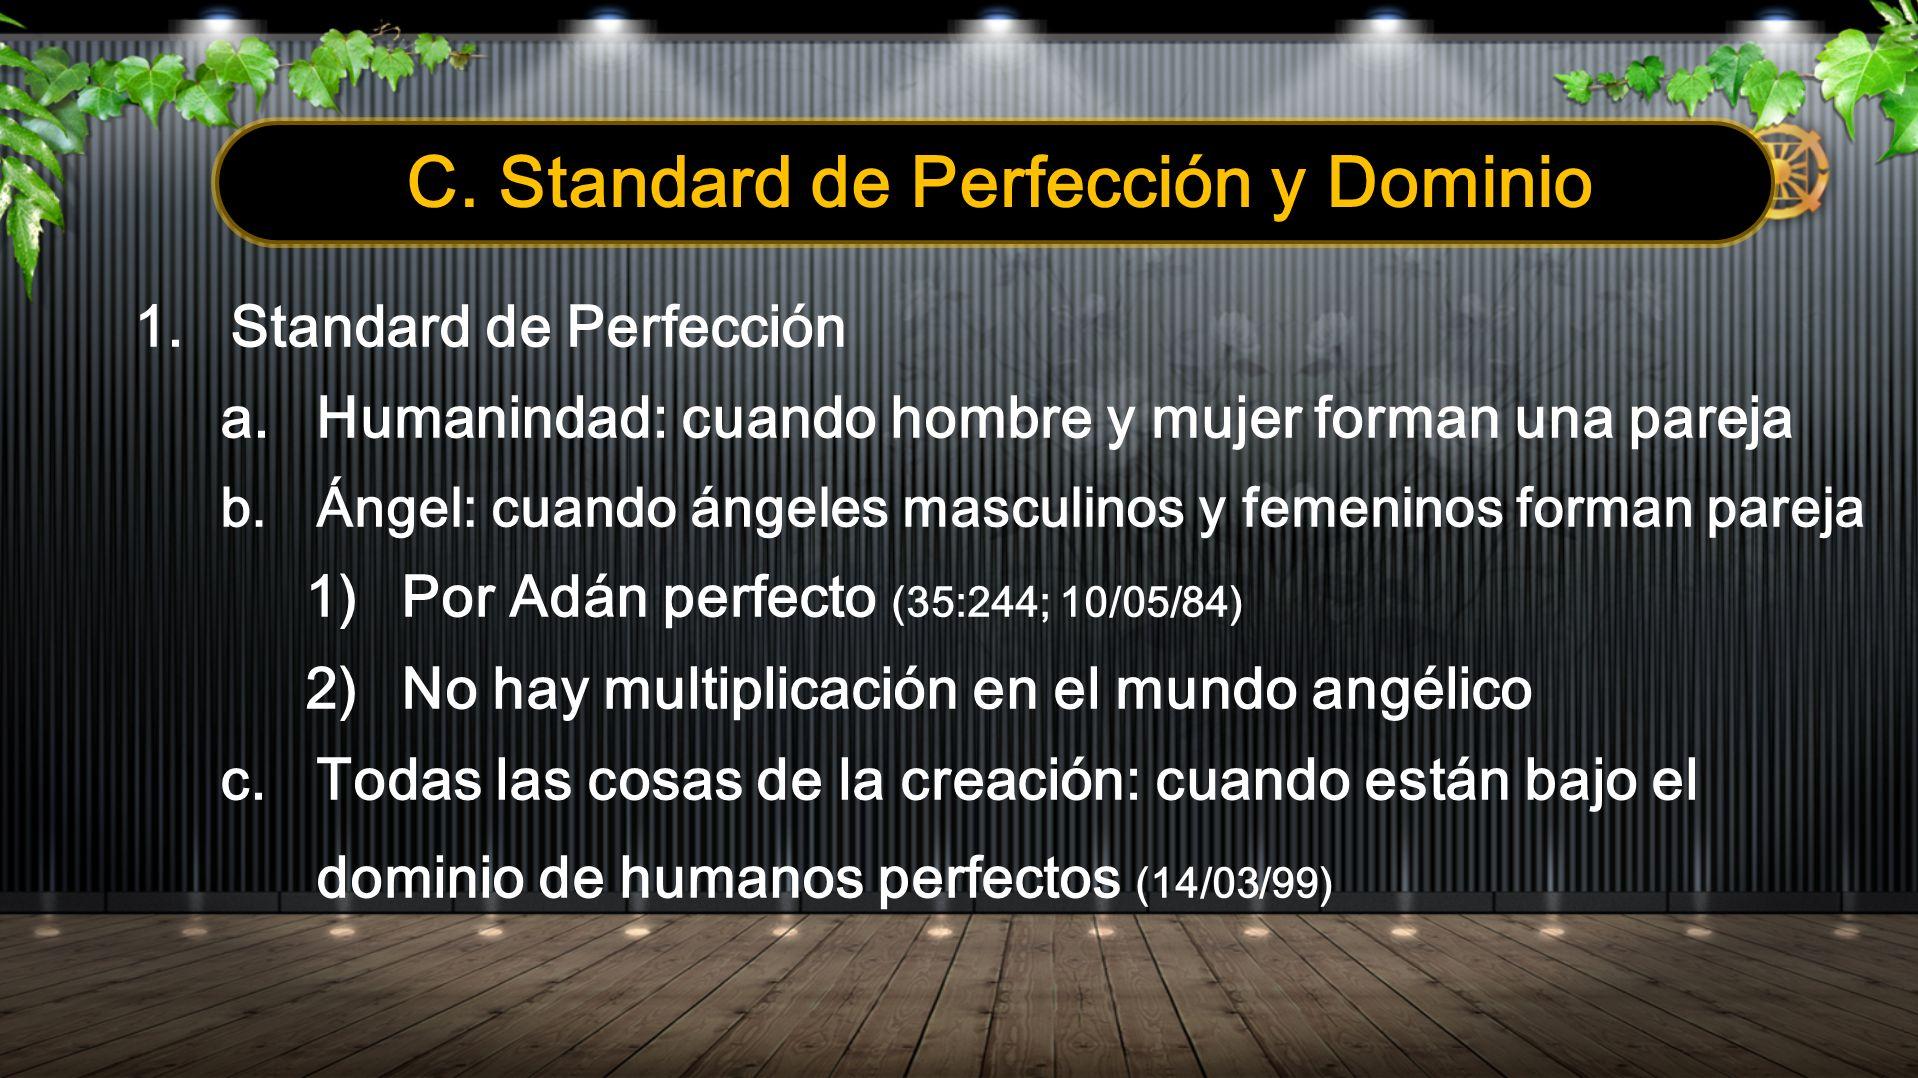 C. Standard de Perfección y Dominio 1.Standard de Perfección a. Humanindad: cuando hombre y mujer forman una pareja b. Ángel: cuando ángeles masculino